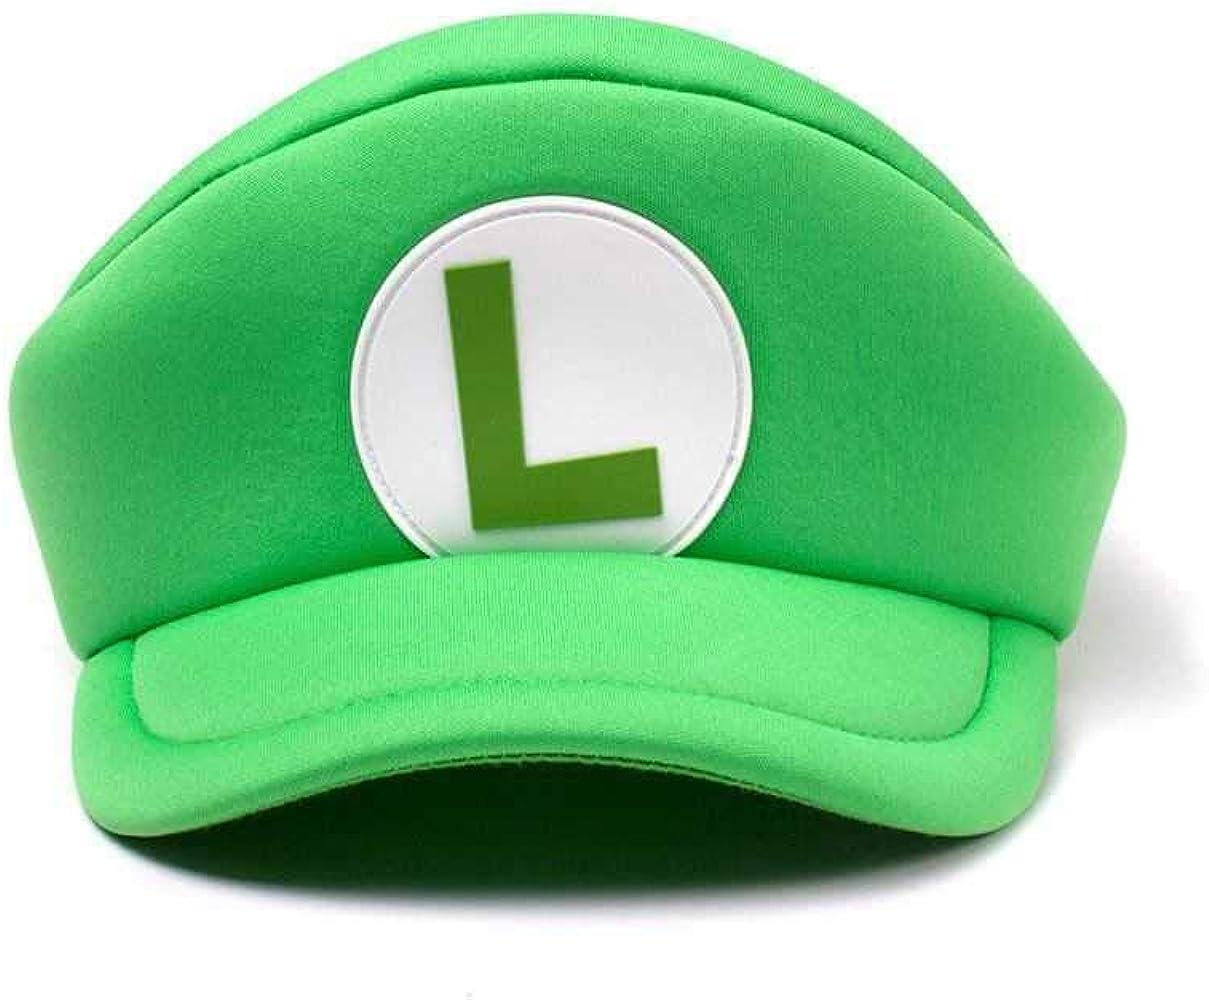 Bioworld EU Nintendo Super Mario Bros. Shaped Curved Bill Cap with ...